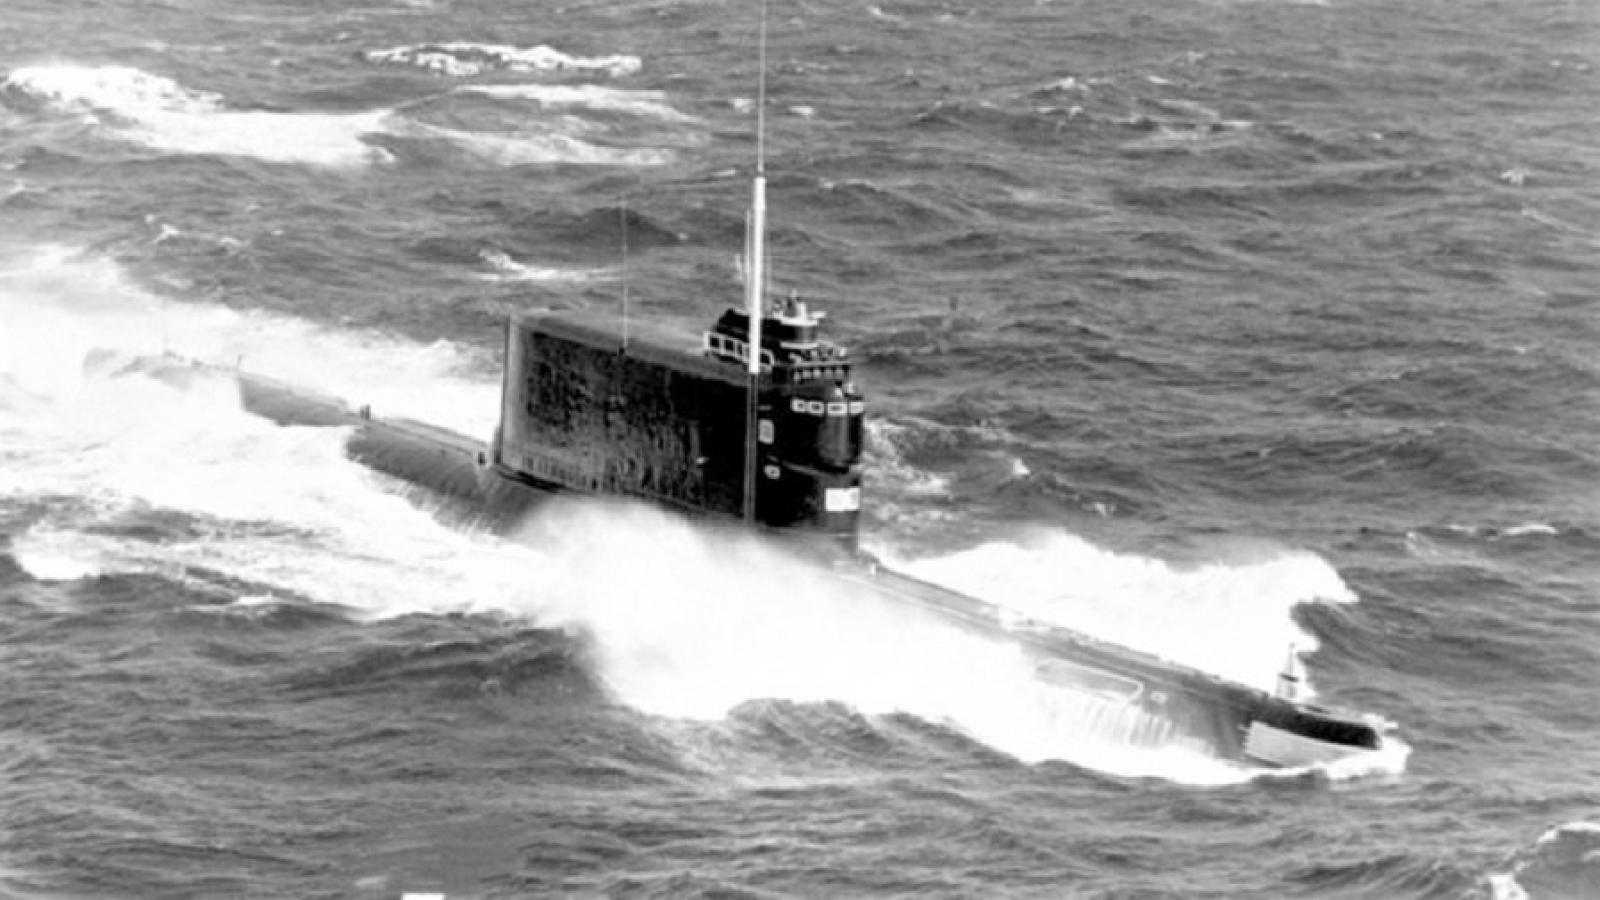 Dự án Azorian - Mỹ đánh lạc hướng để trục vớt tàu ngầm Liên Xô K-129 gặp nạn